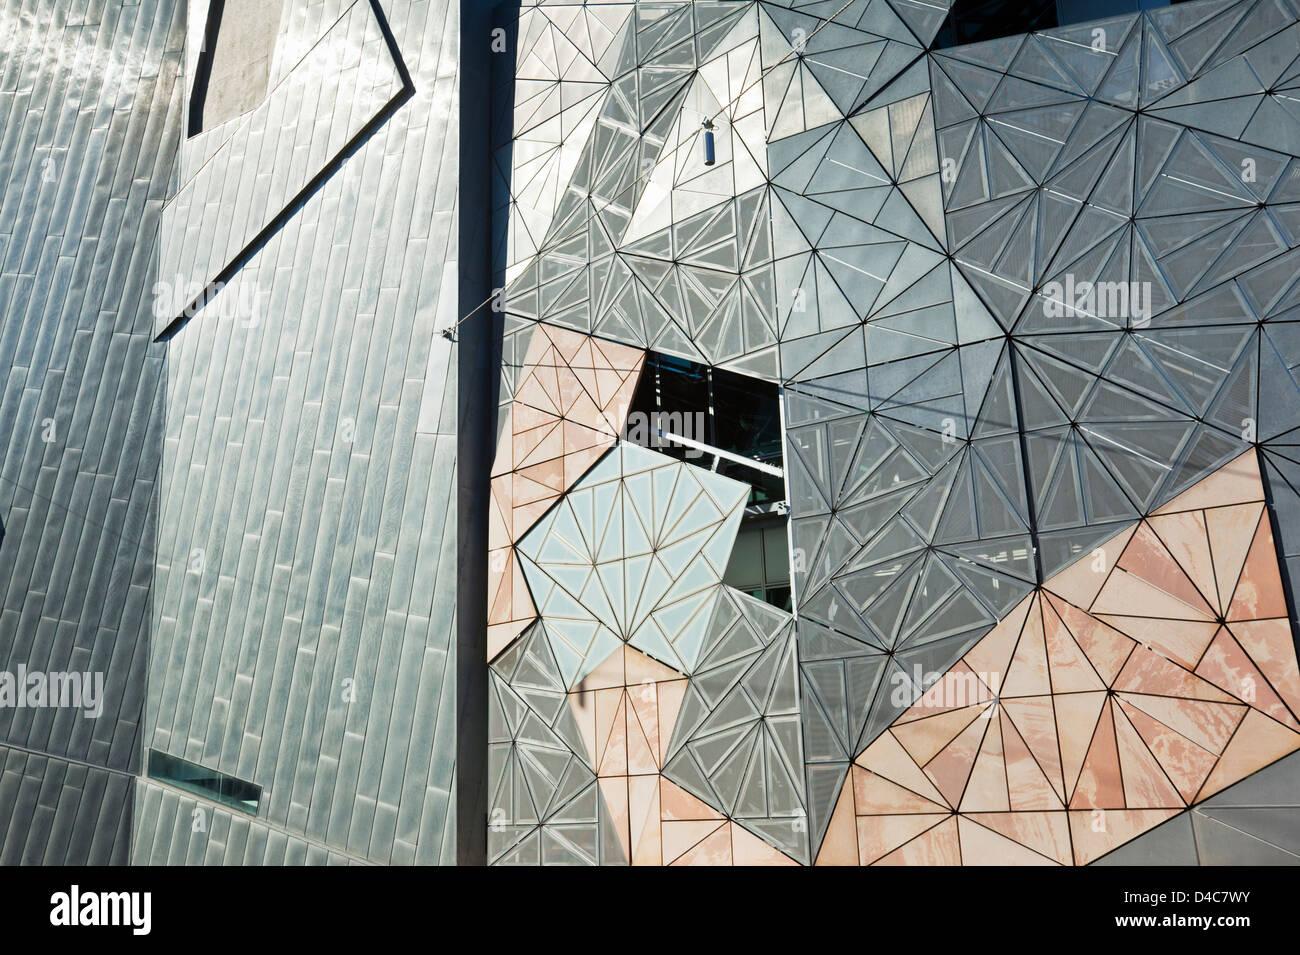 Architettura iconica della Federation Square. Melbourne, Victoria, Australia Immagini Stock